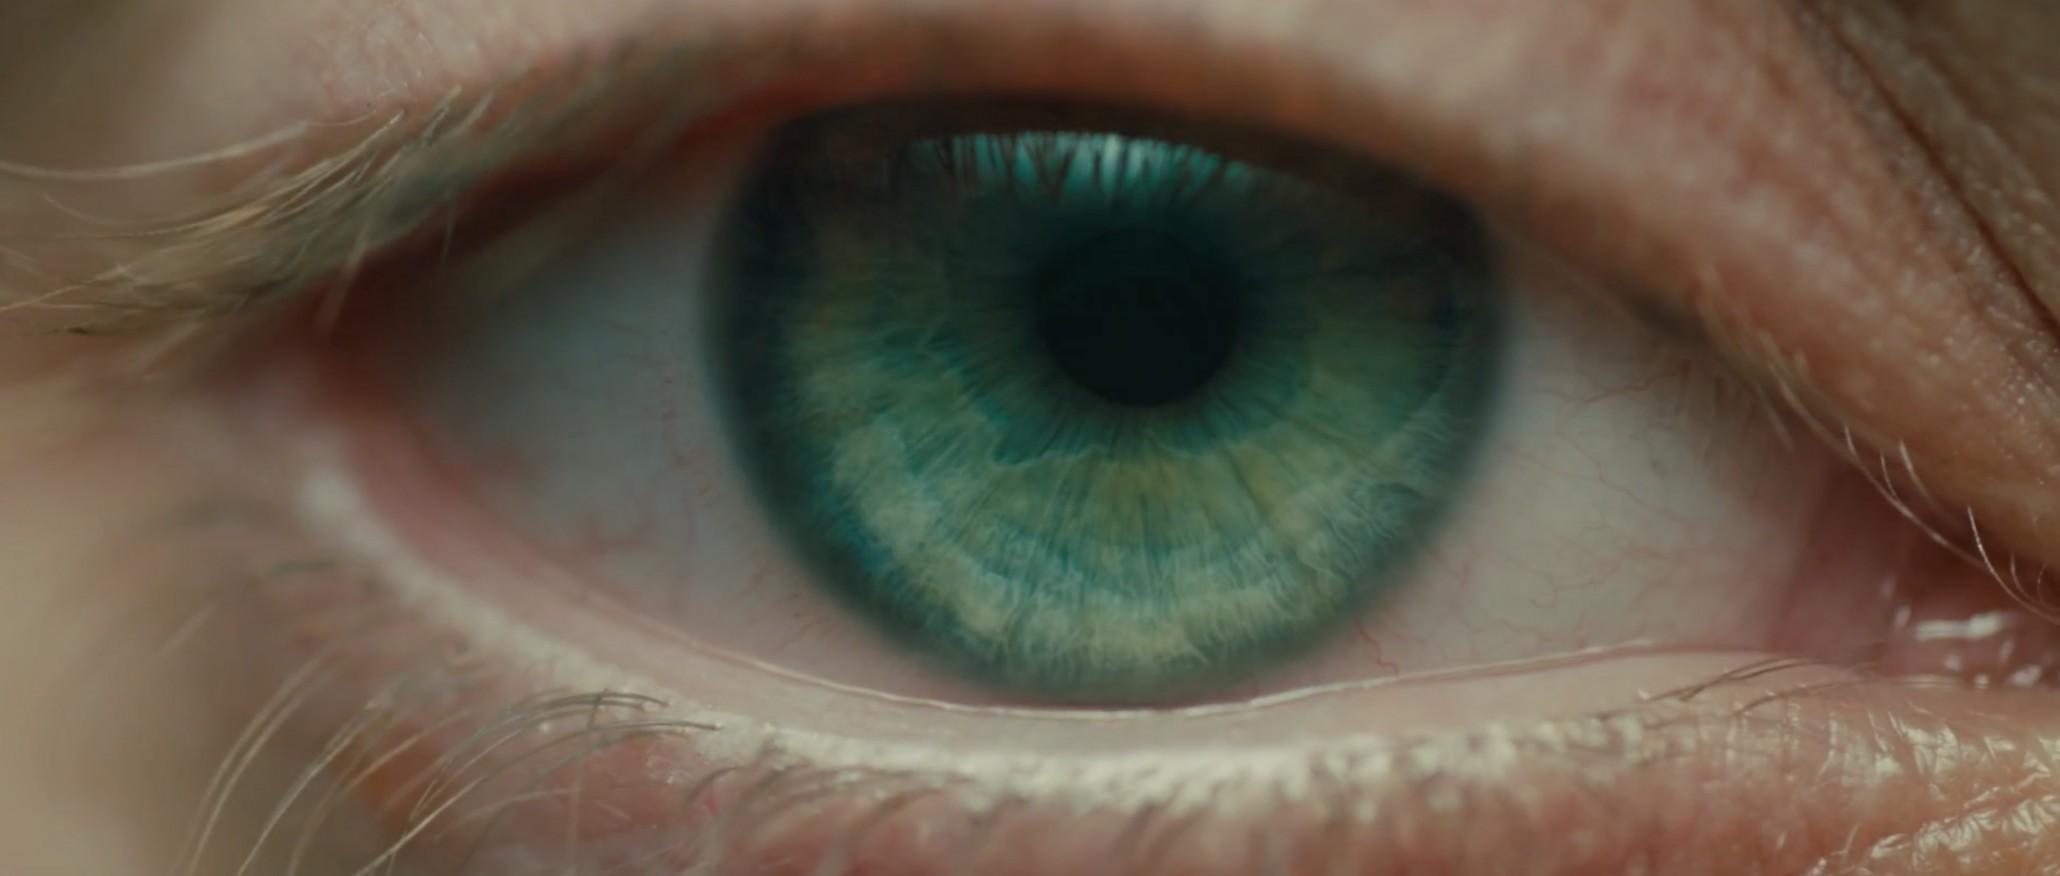 BR2049 eye.jpg